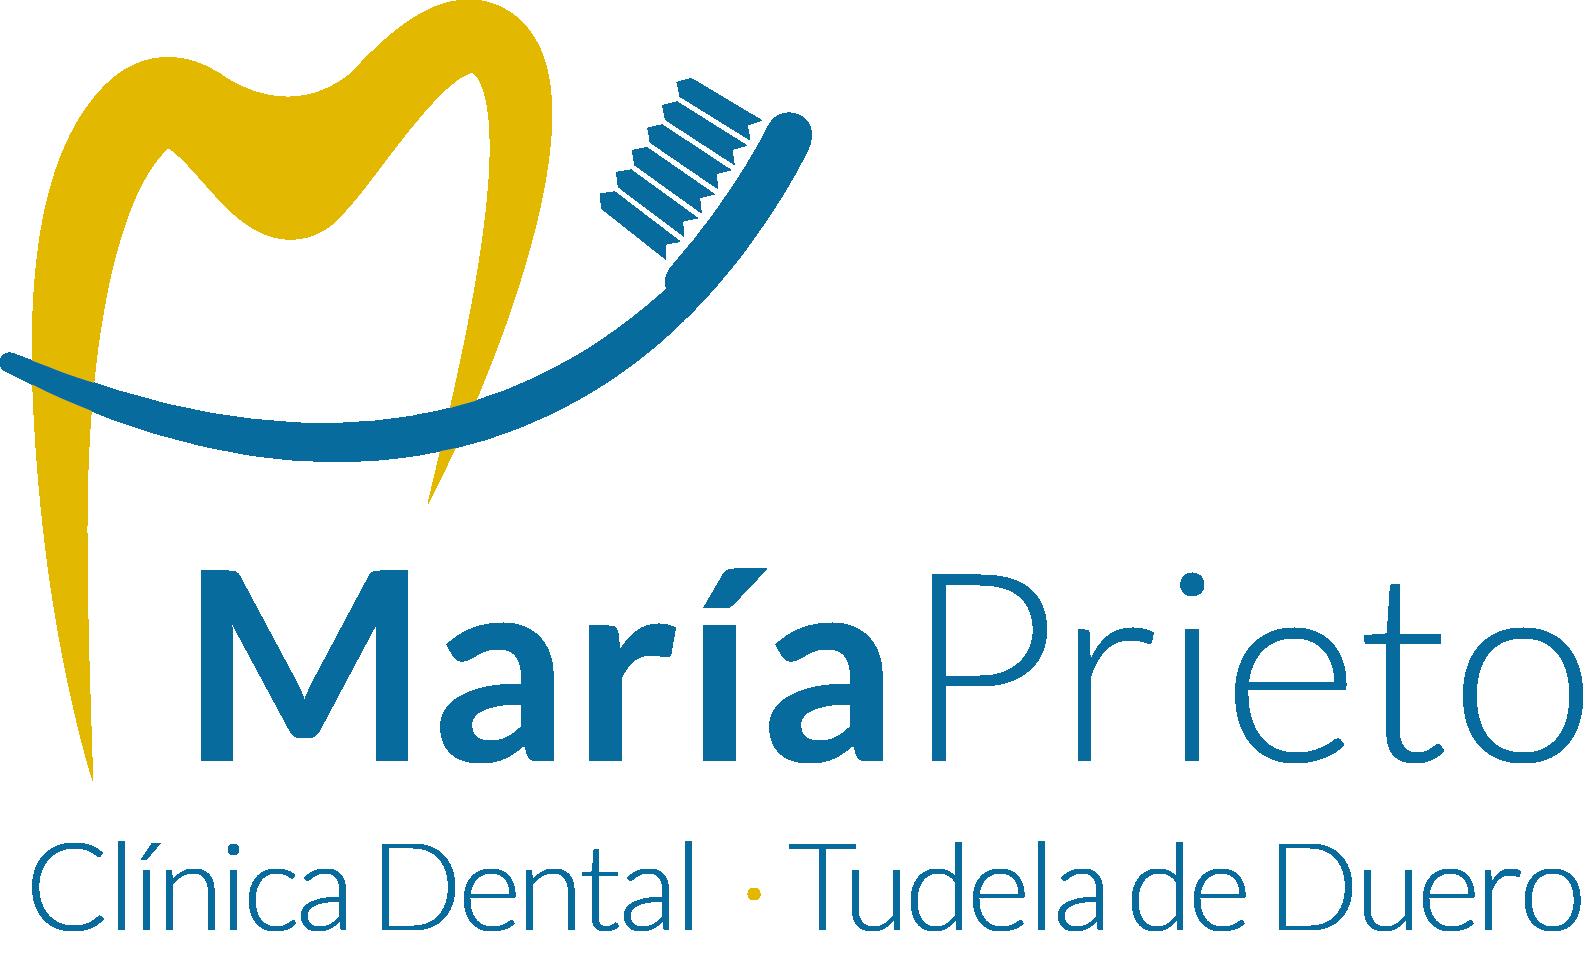 Clínica Dental María Prieto